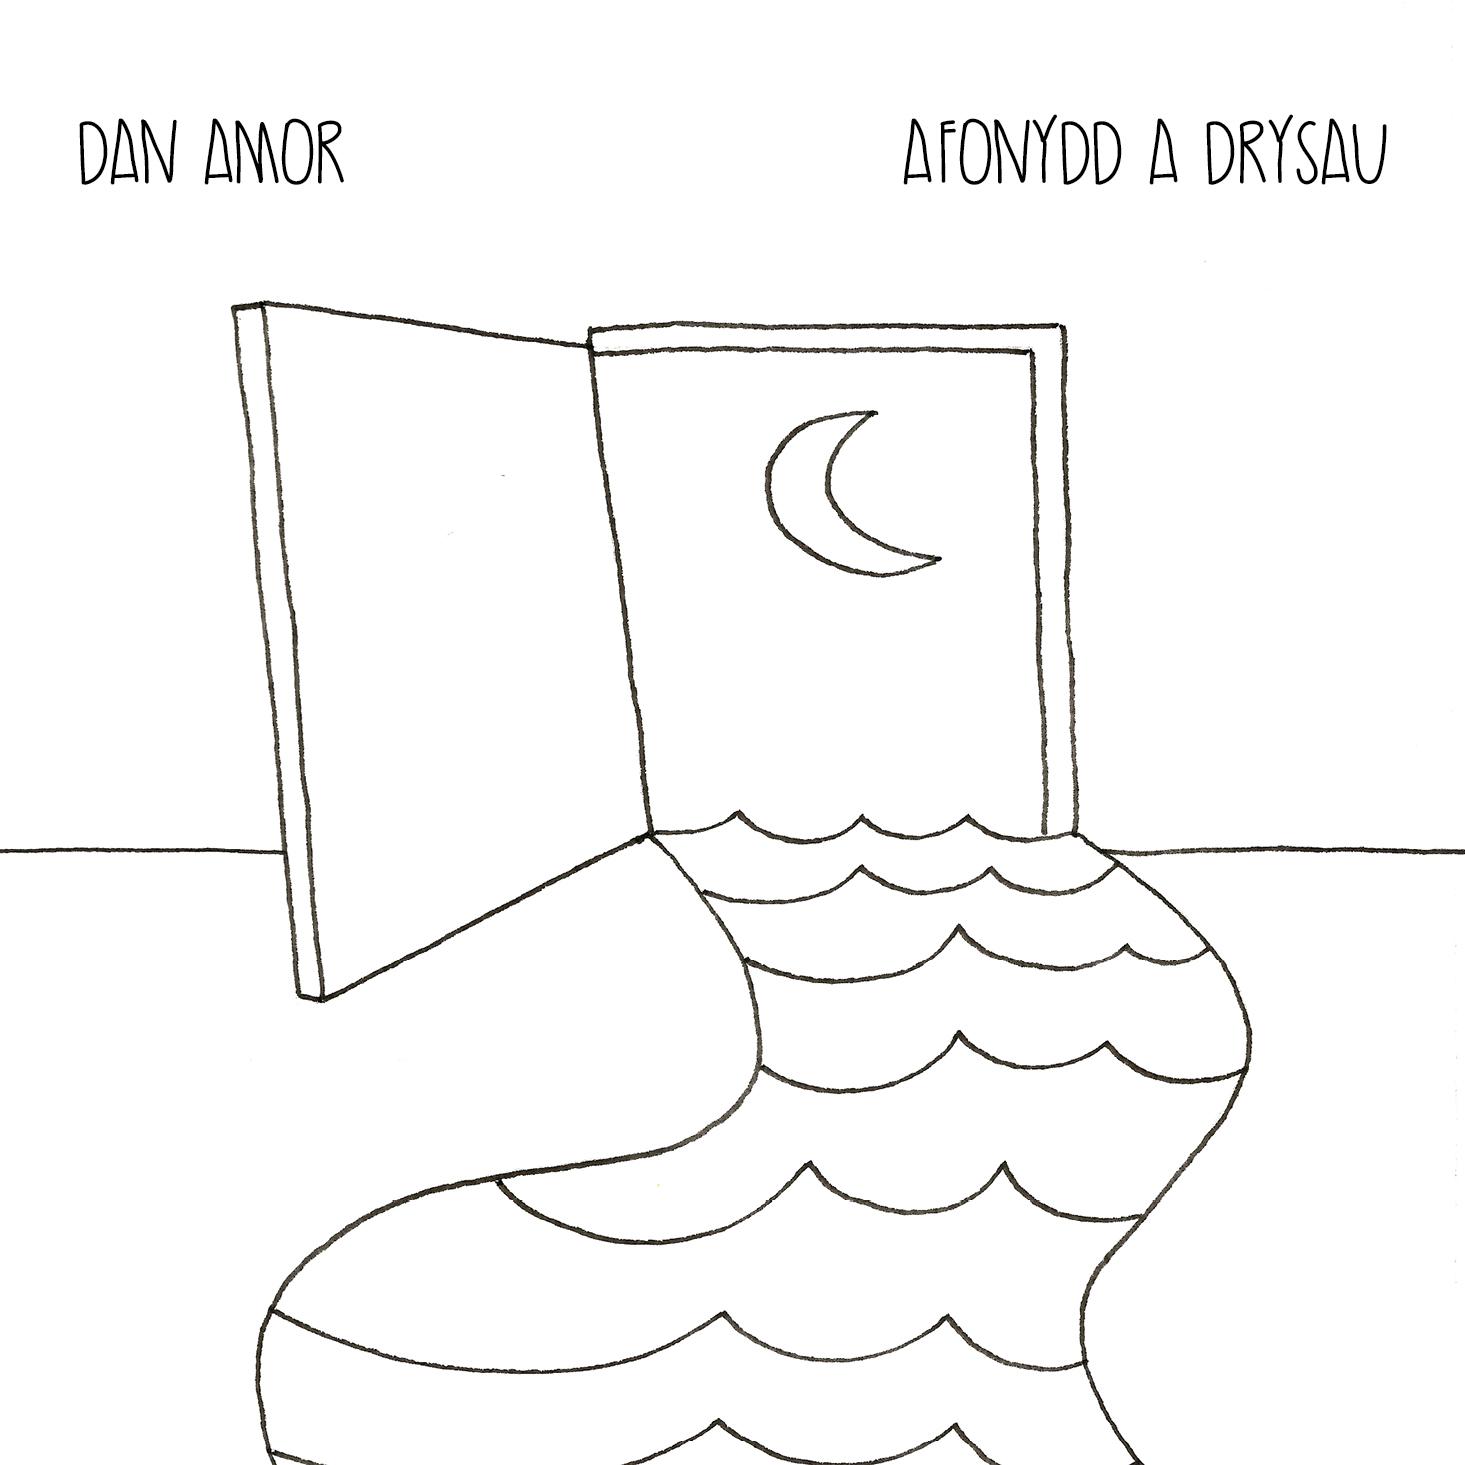 Dan Amor - Afonydd a Drysau